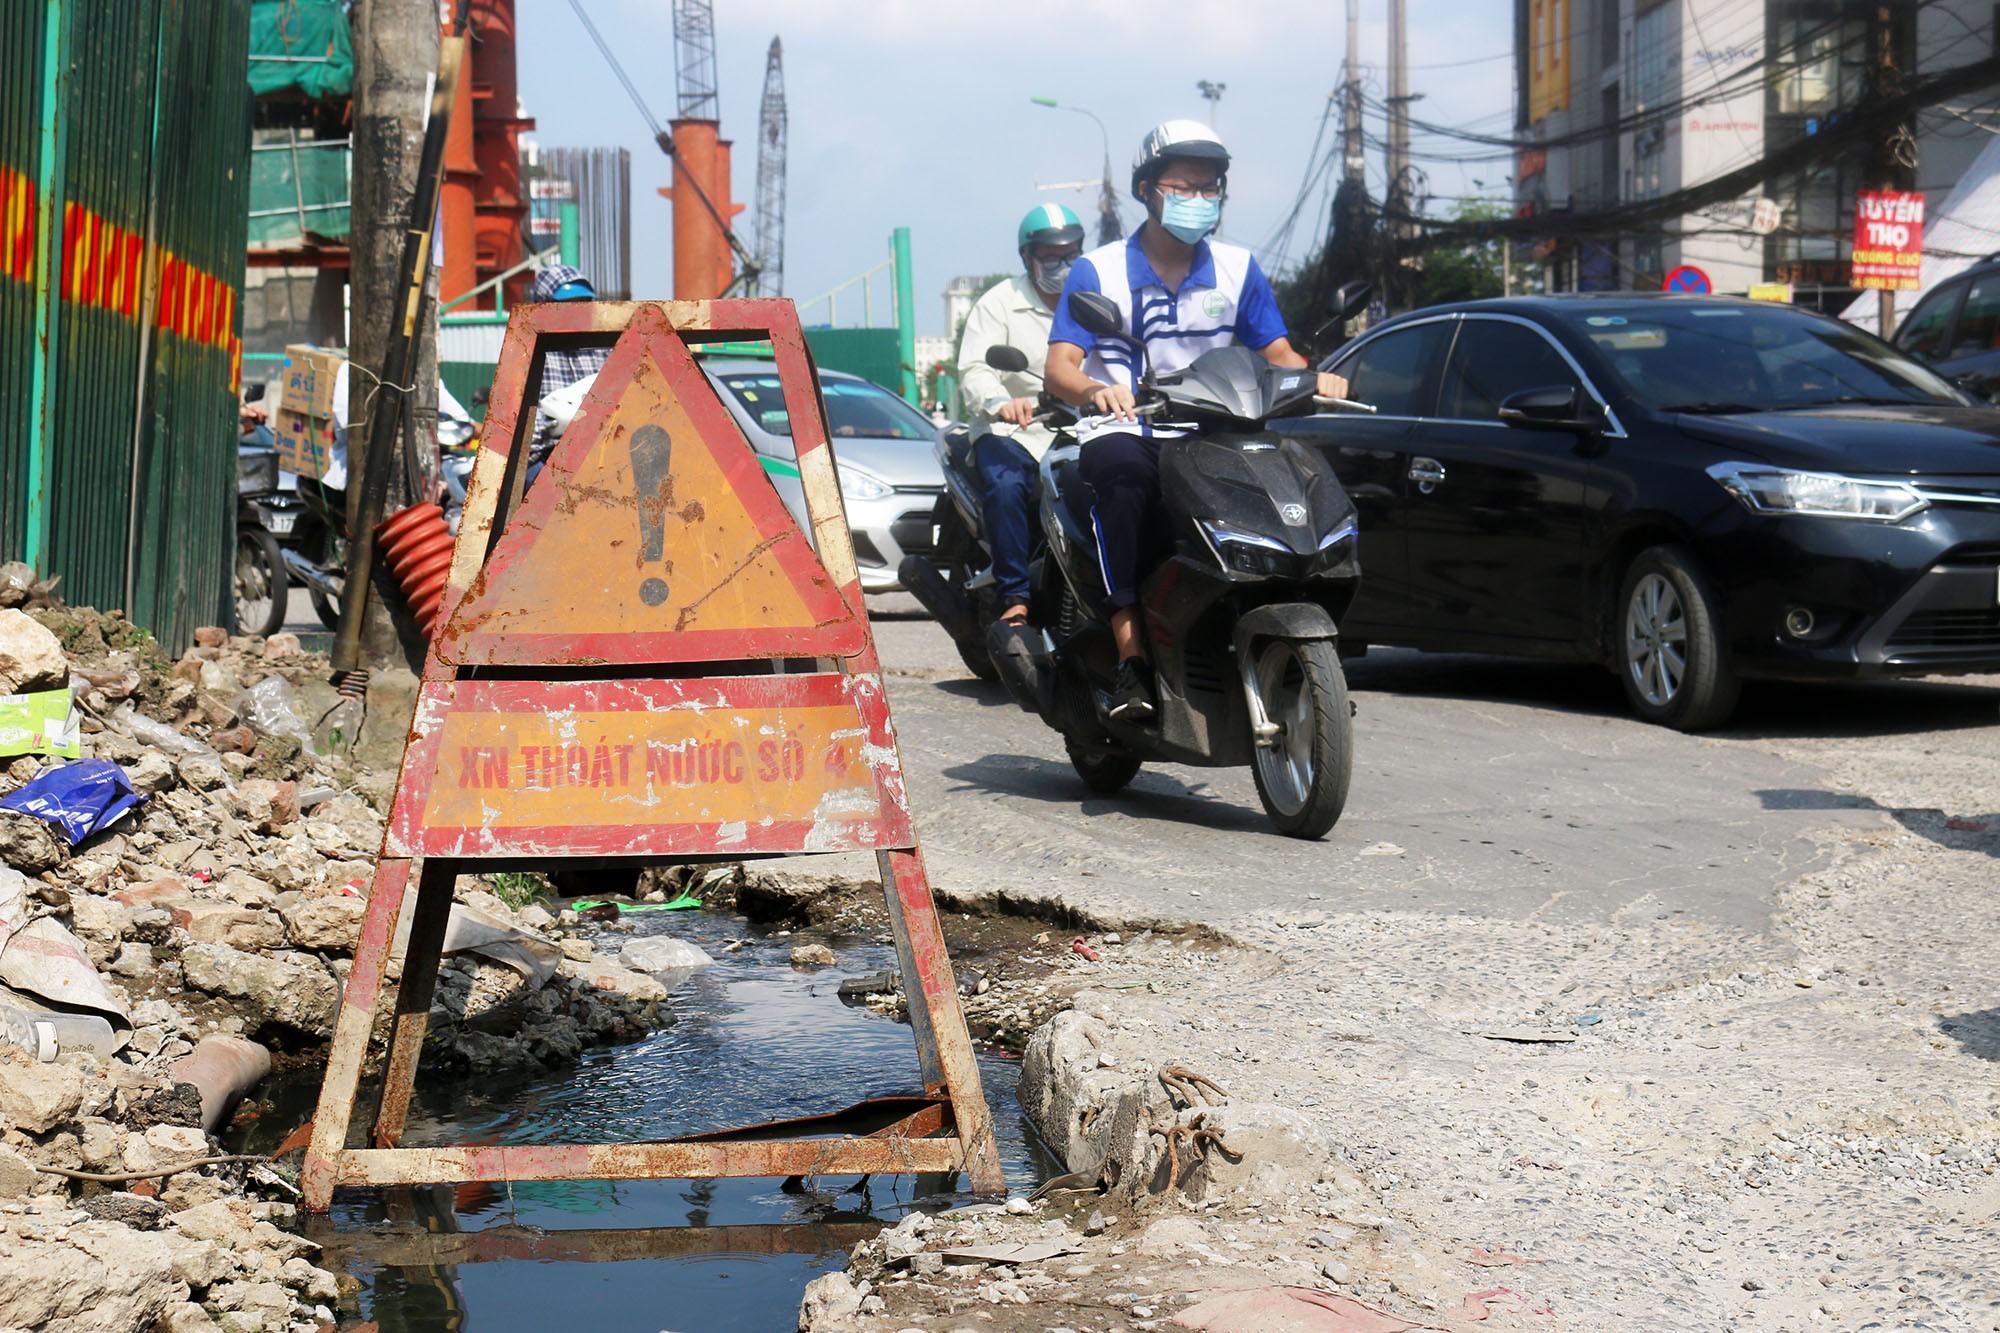 Hà Nội: Rác thải vứt bừa bãi dưới chân công trường đường vành đai 2 - Ảnh 10.